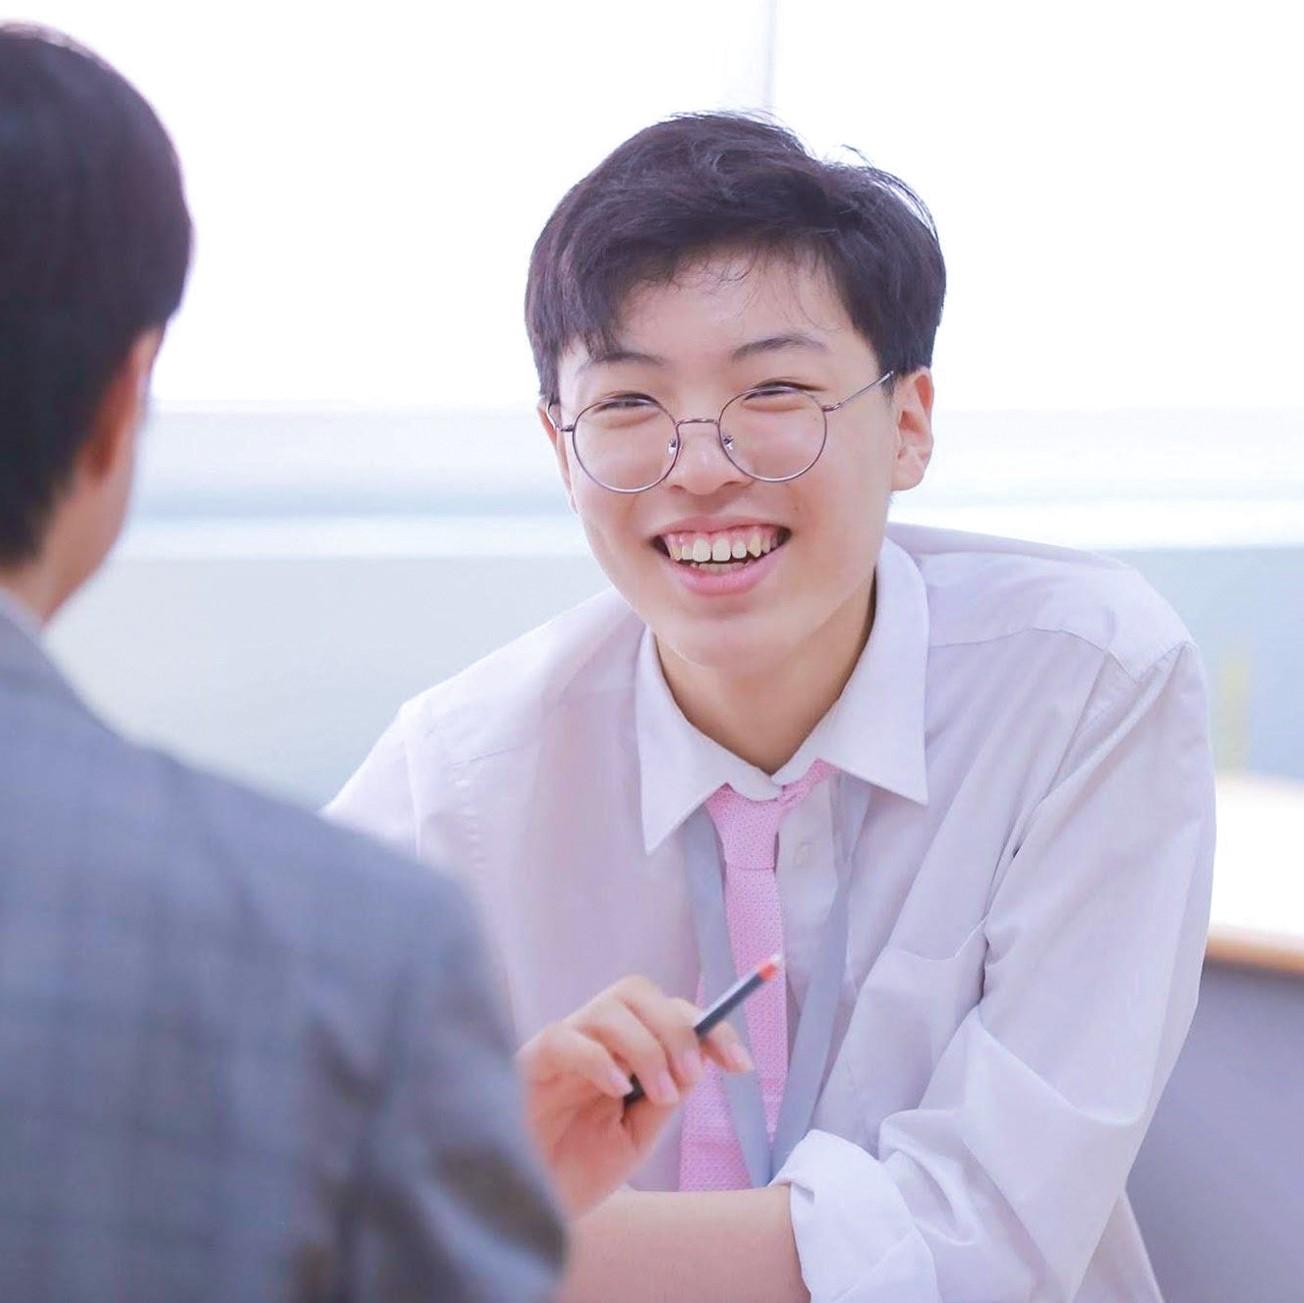 Hoseong